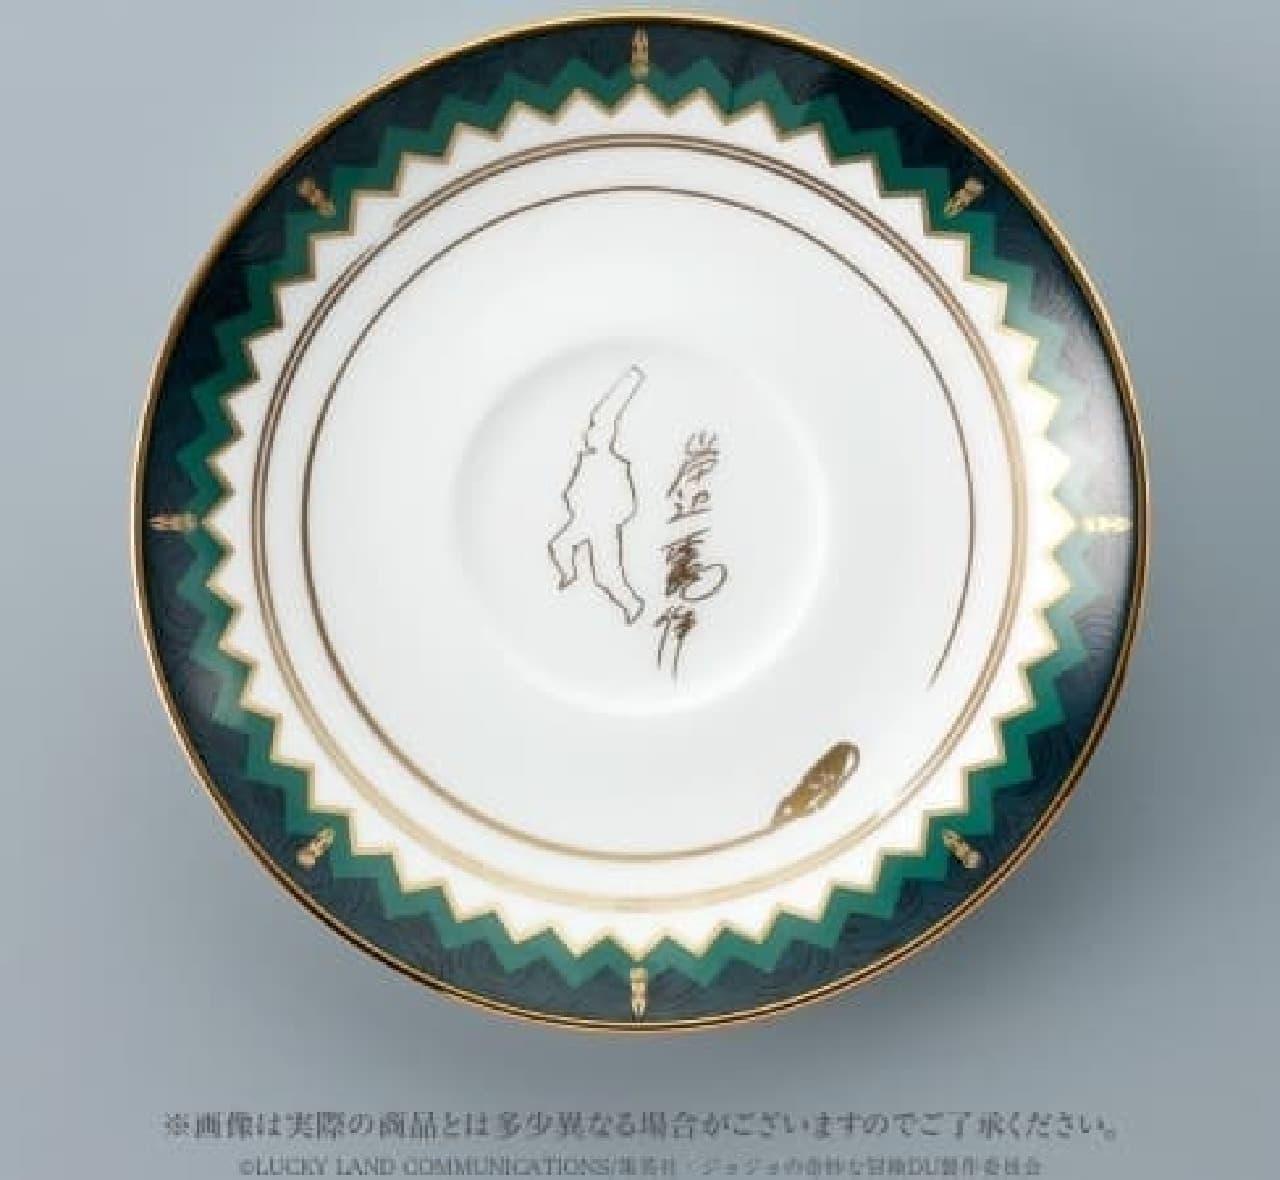 ジョジョの奇妙な冒険×Noritake ティーカップ&ソーサーセット〜岸辺露伴〜